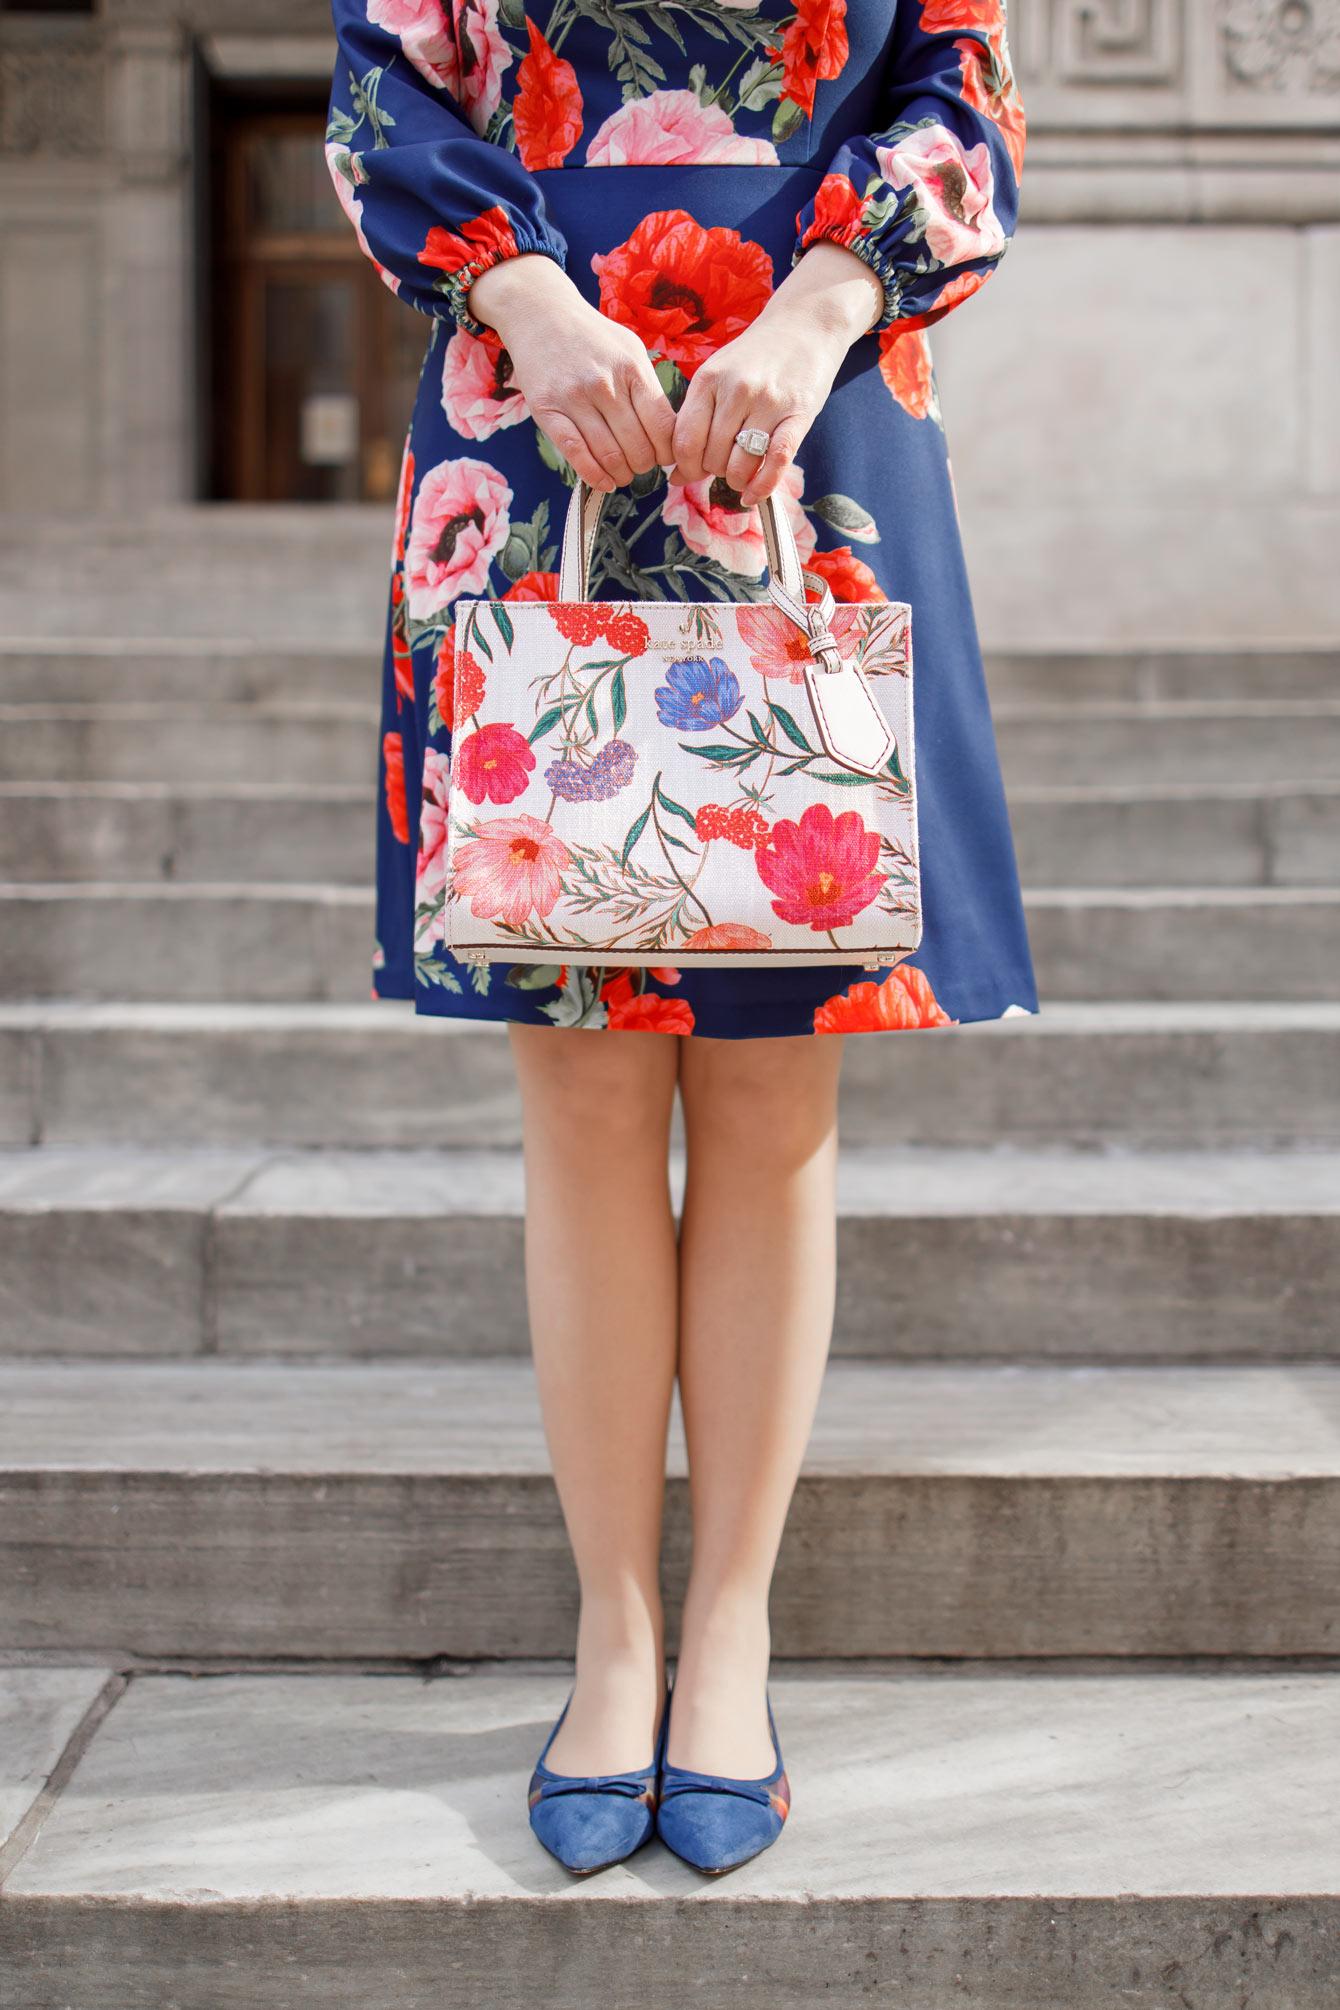 Kate Spade Floral Sam Bag